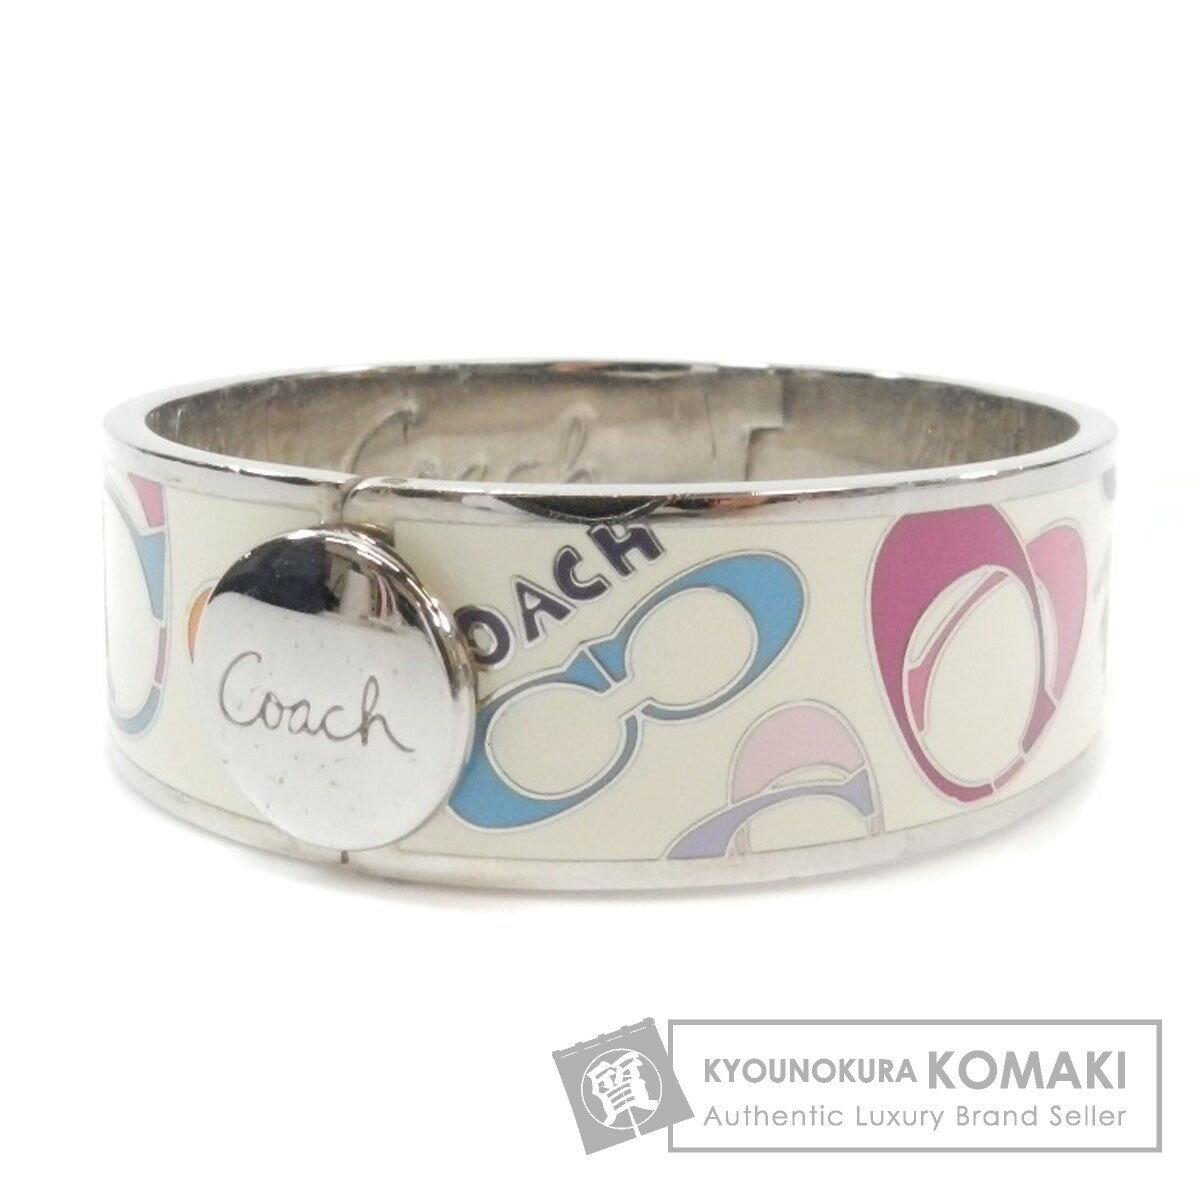 COACH ロゴモチーフ ブレスレット 金属製 レディース 【中古】【コーチ】